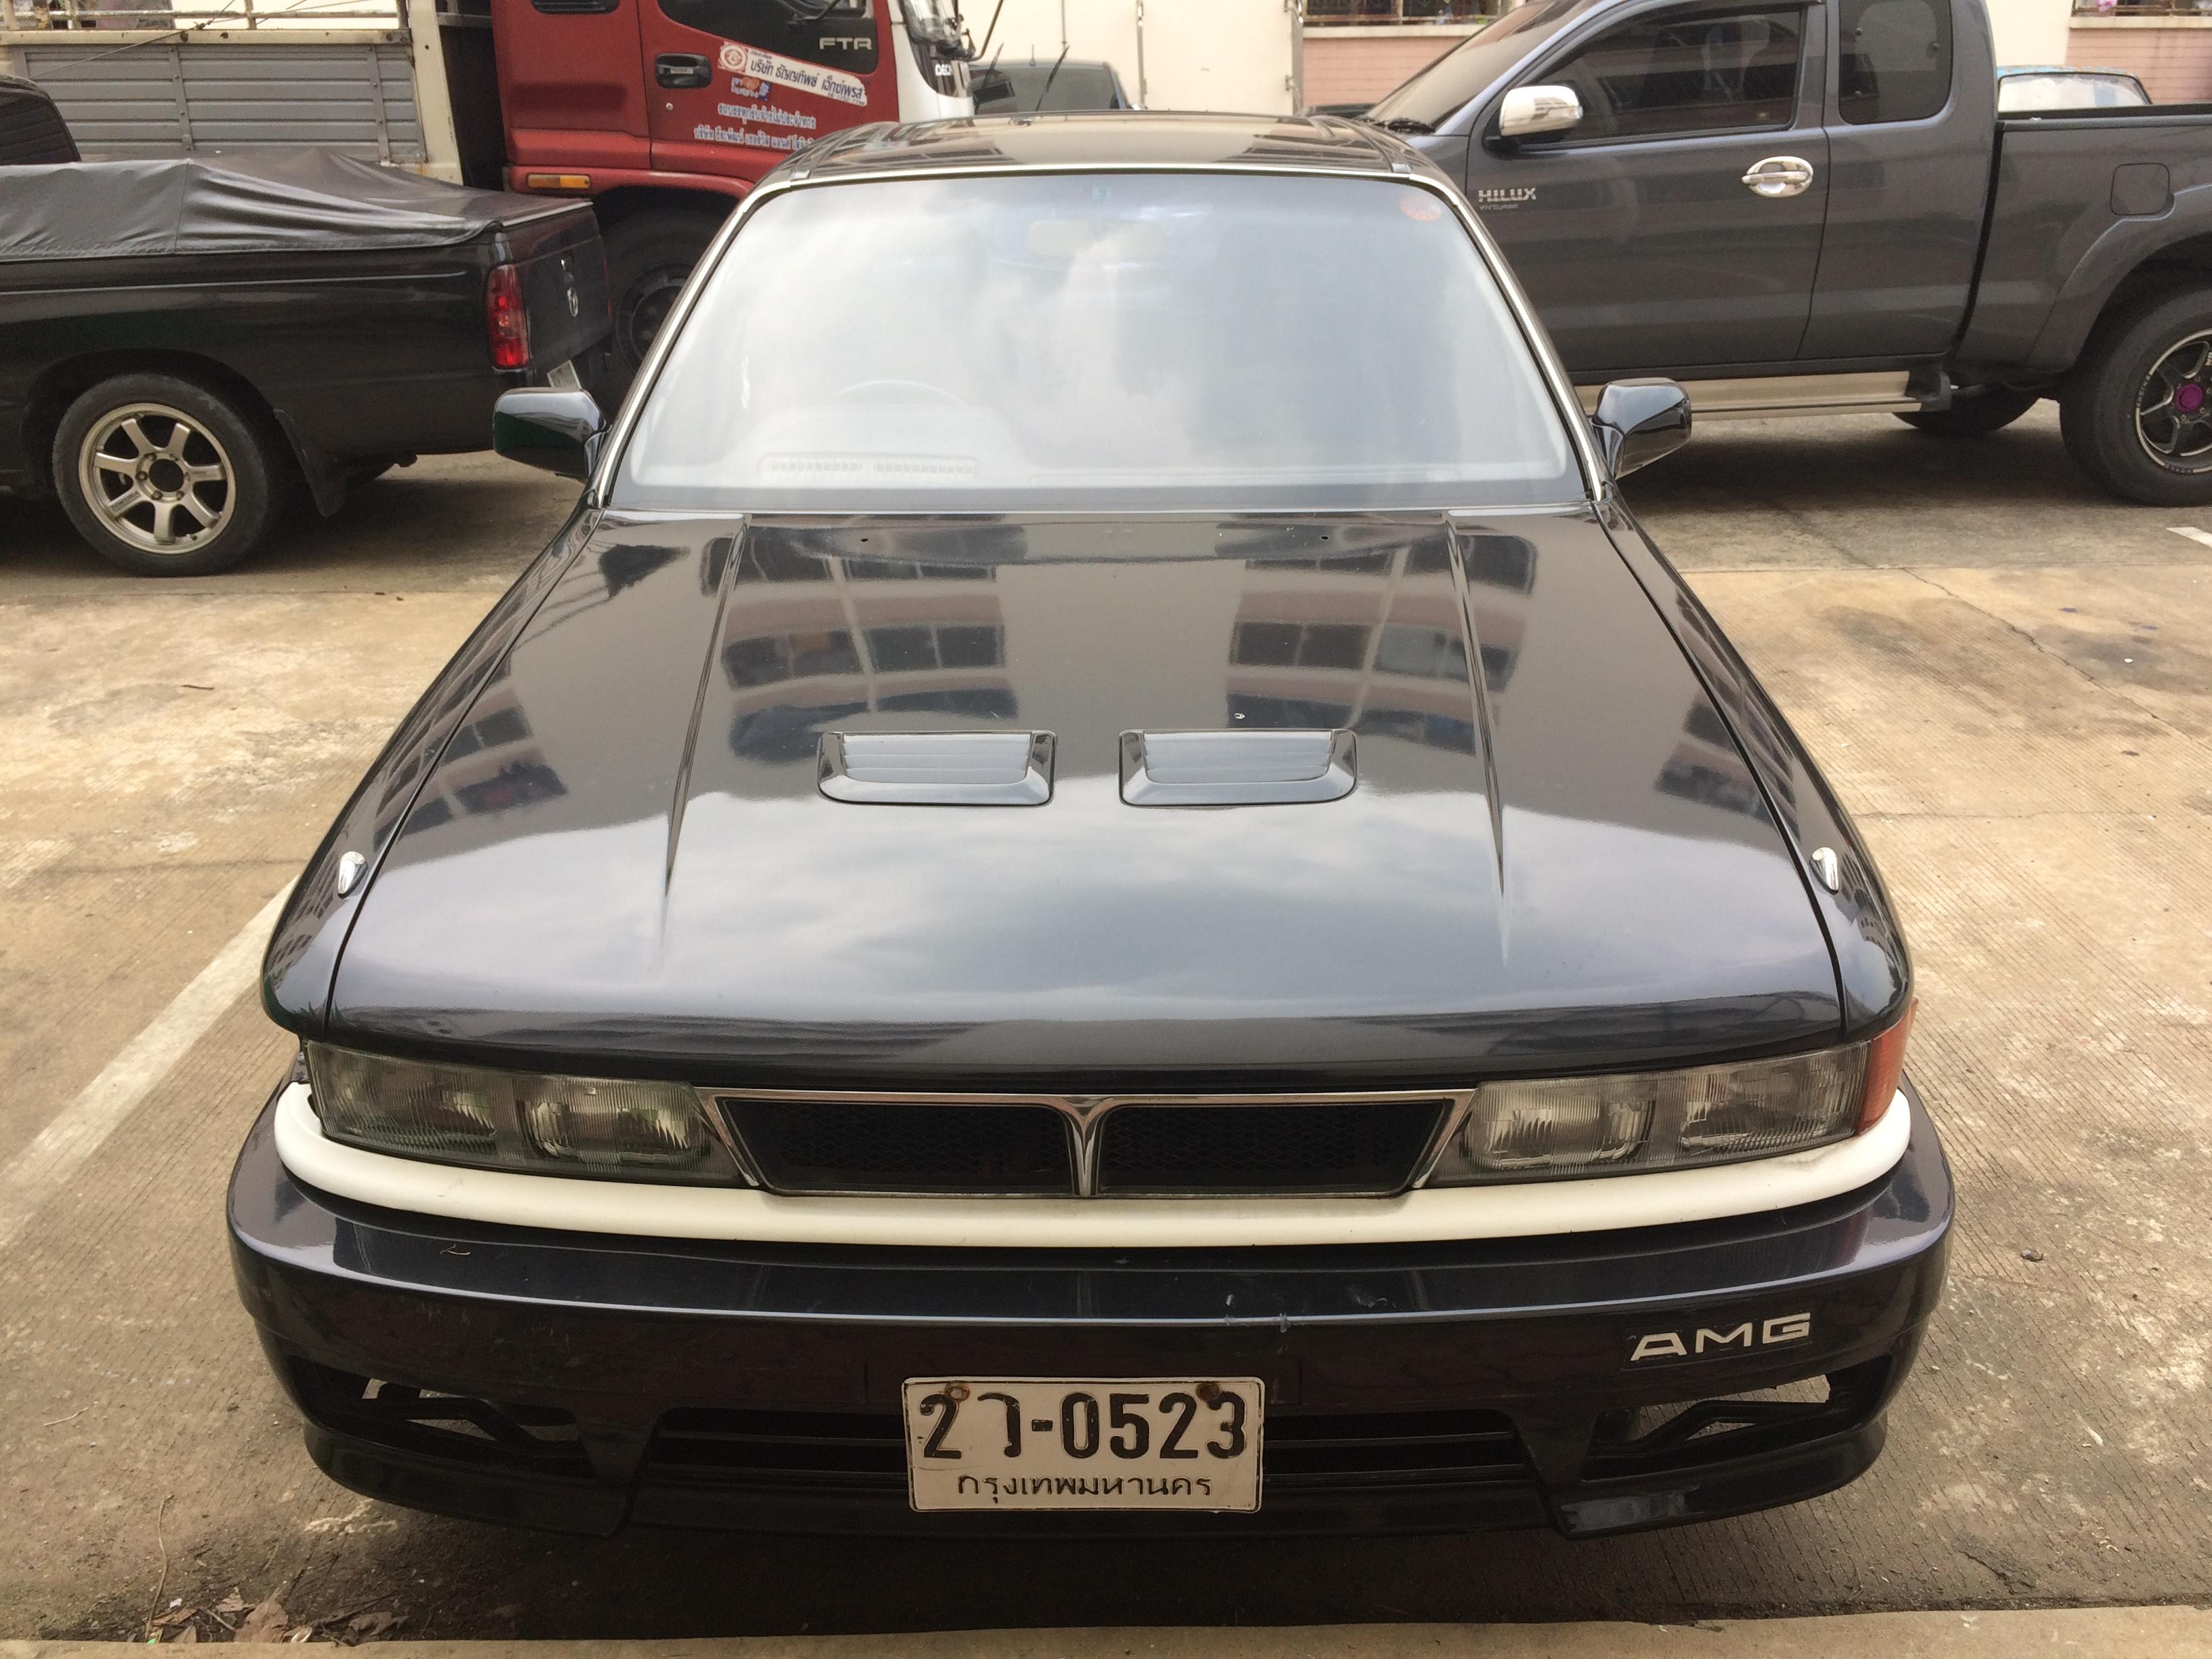 File 1989 Mitsubishi Galant E E33a Amg Sedan 13 10 2017 09 Jpg